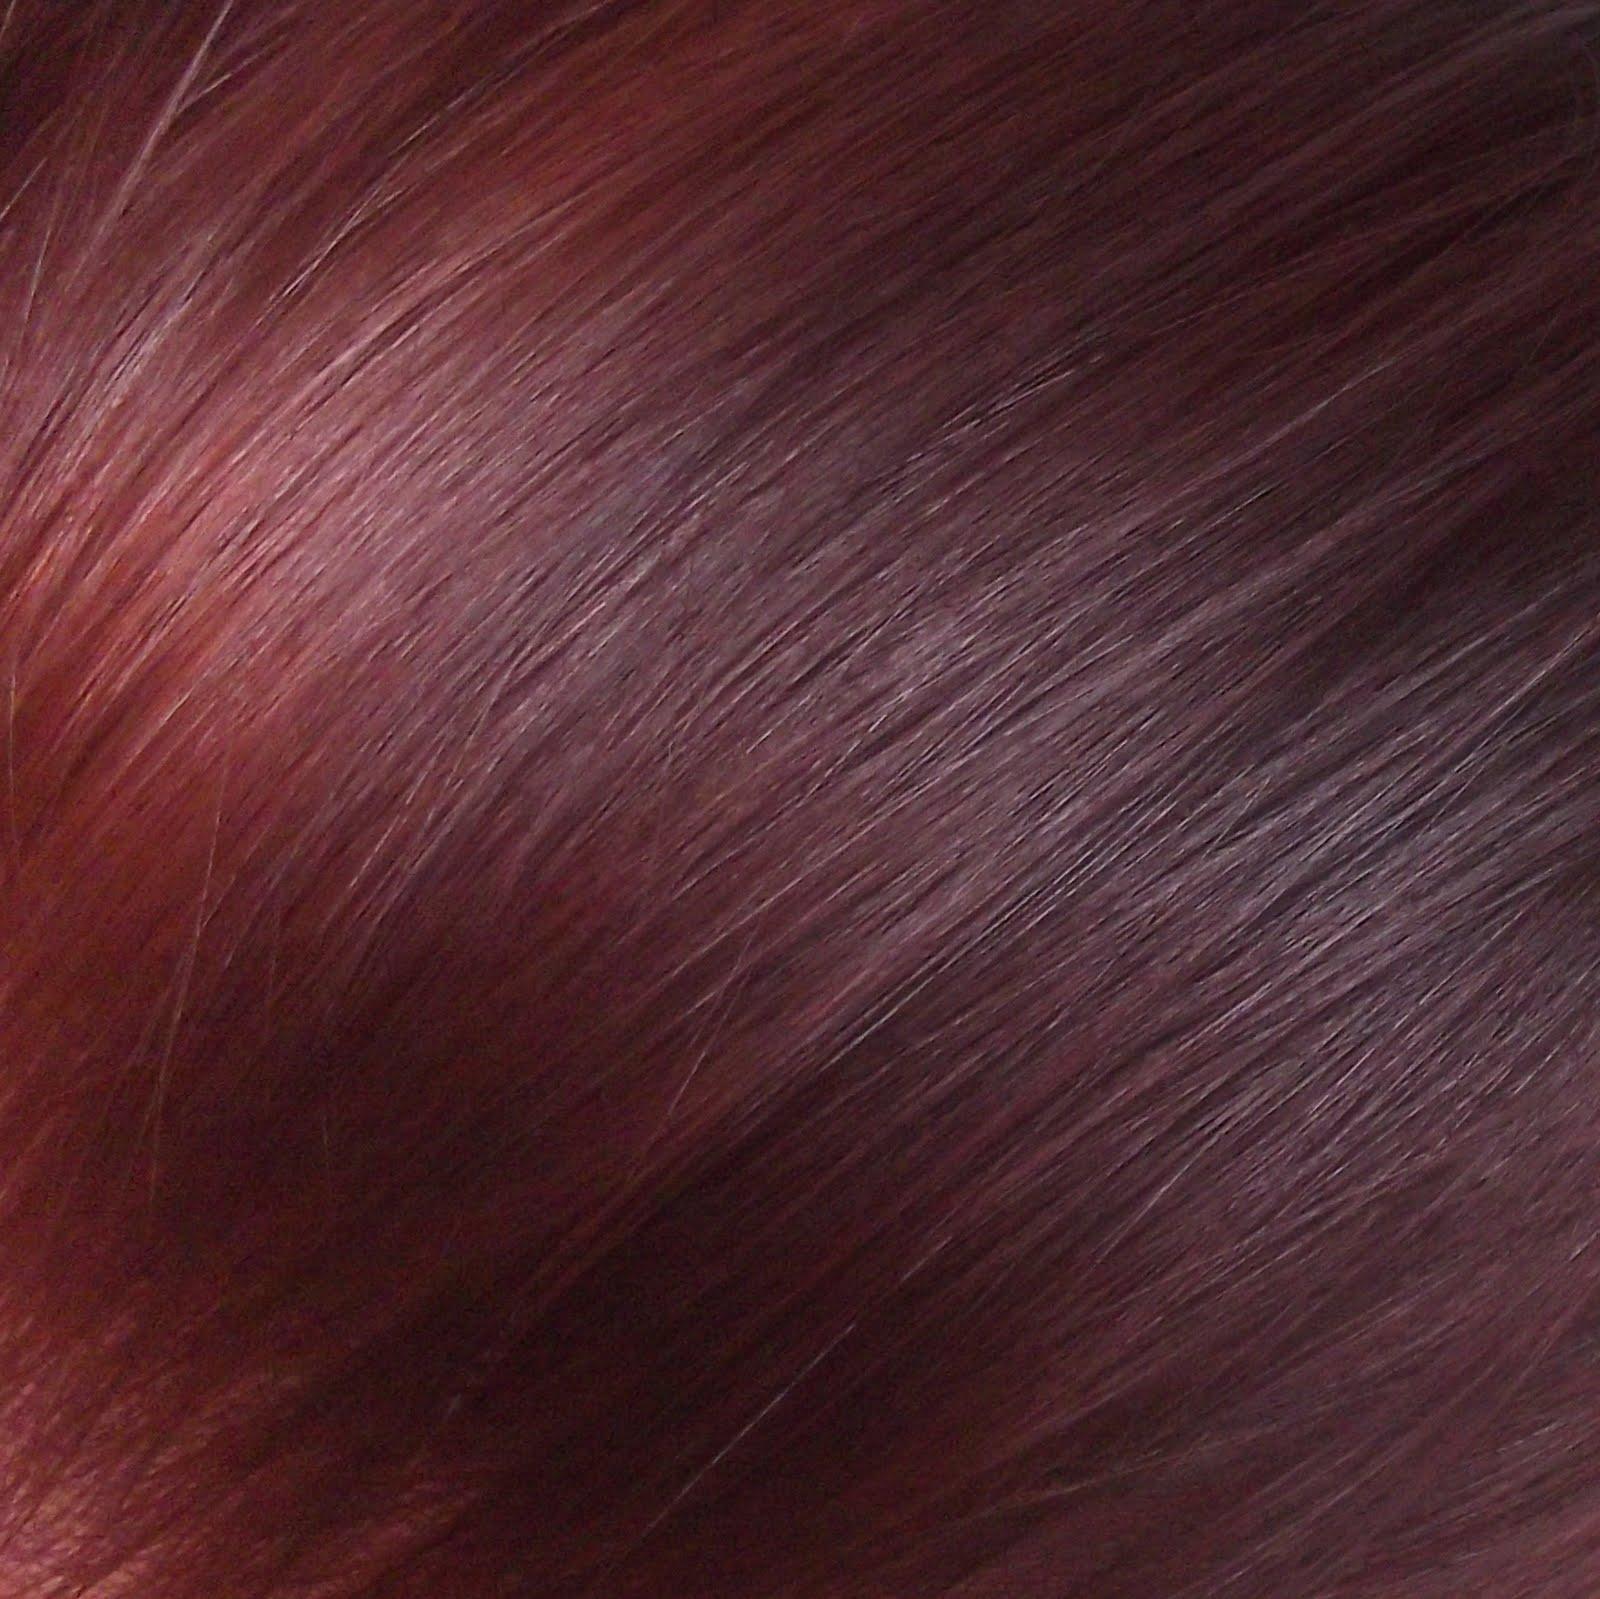 Каштан красное дерево цвет волос